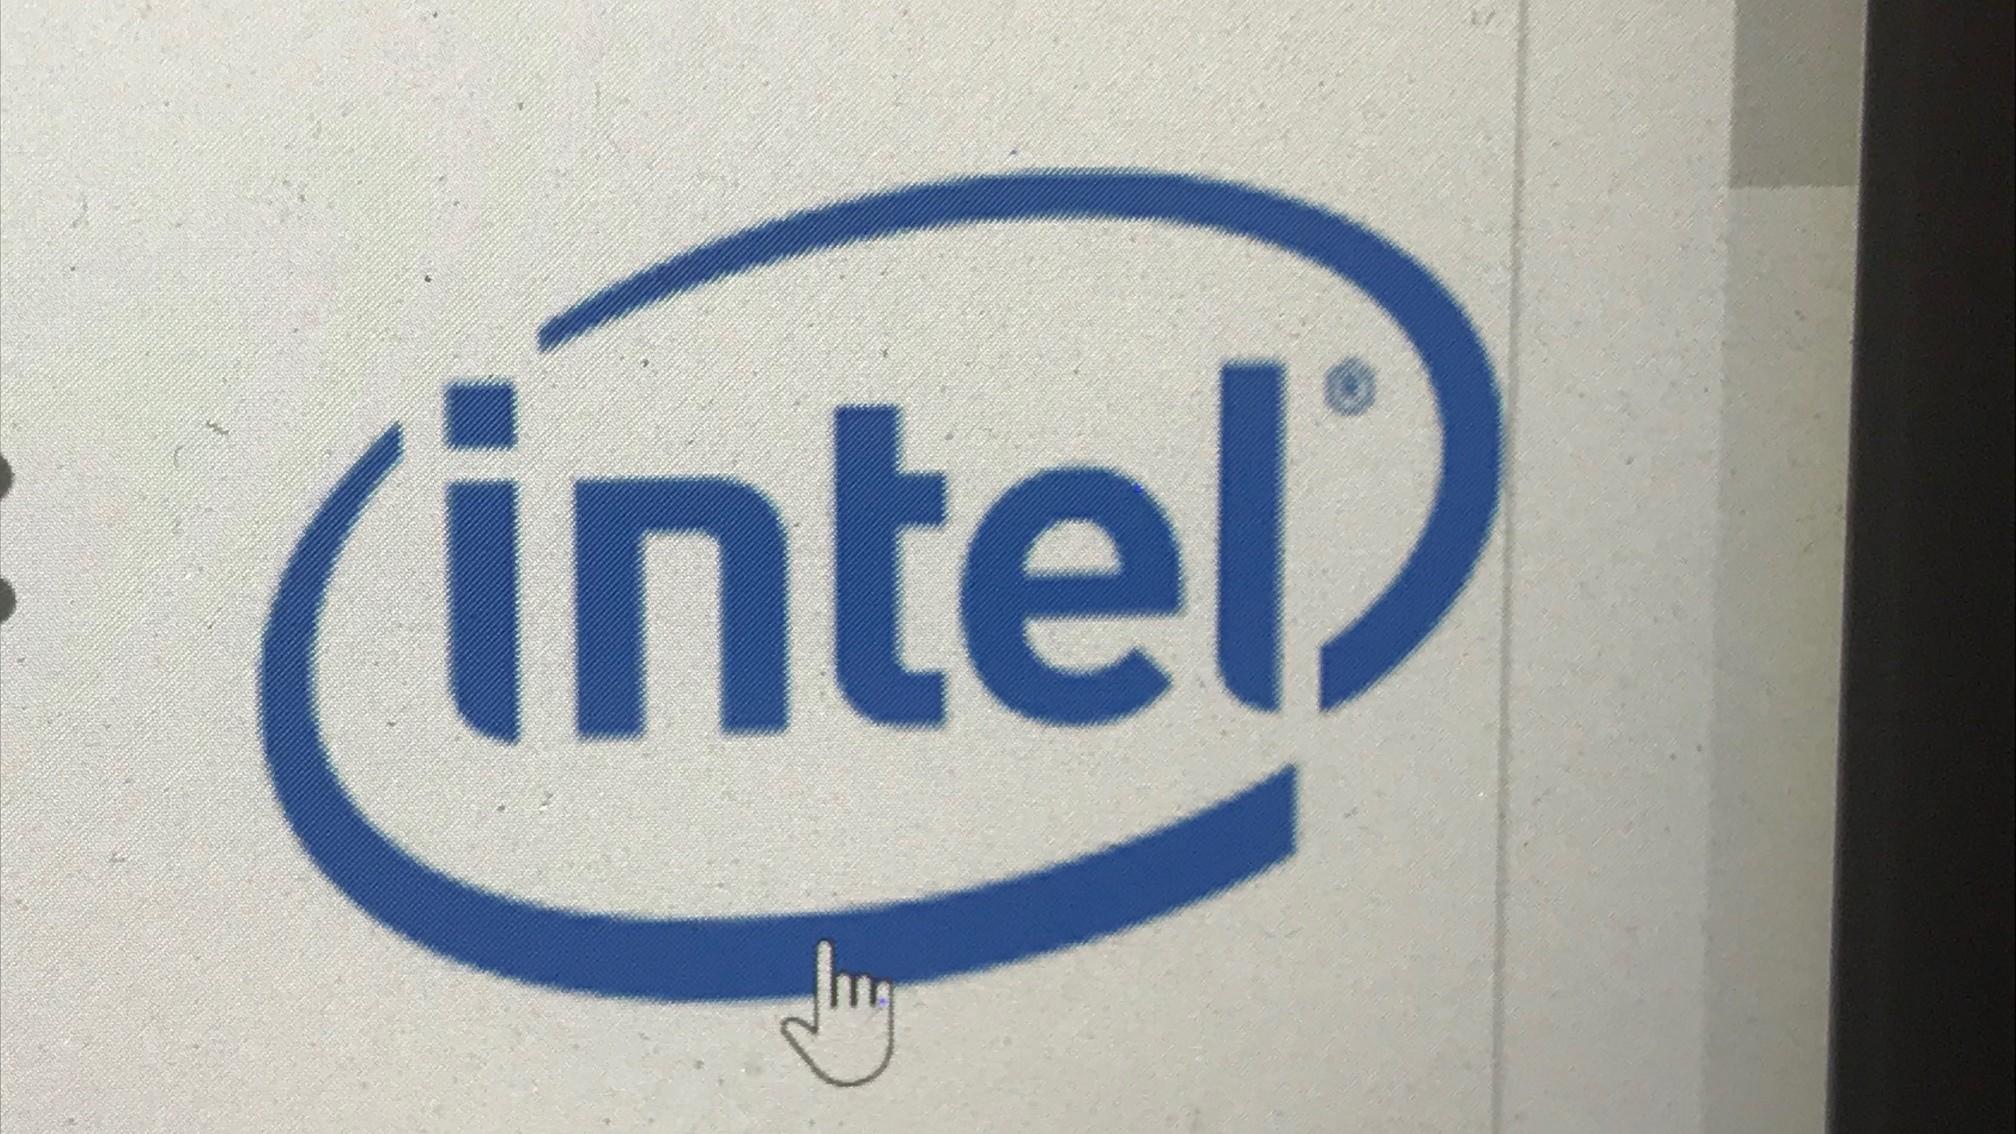 Problemi nei chip Intel, allarme sicurezza per pc e tablet